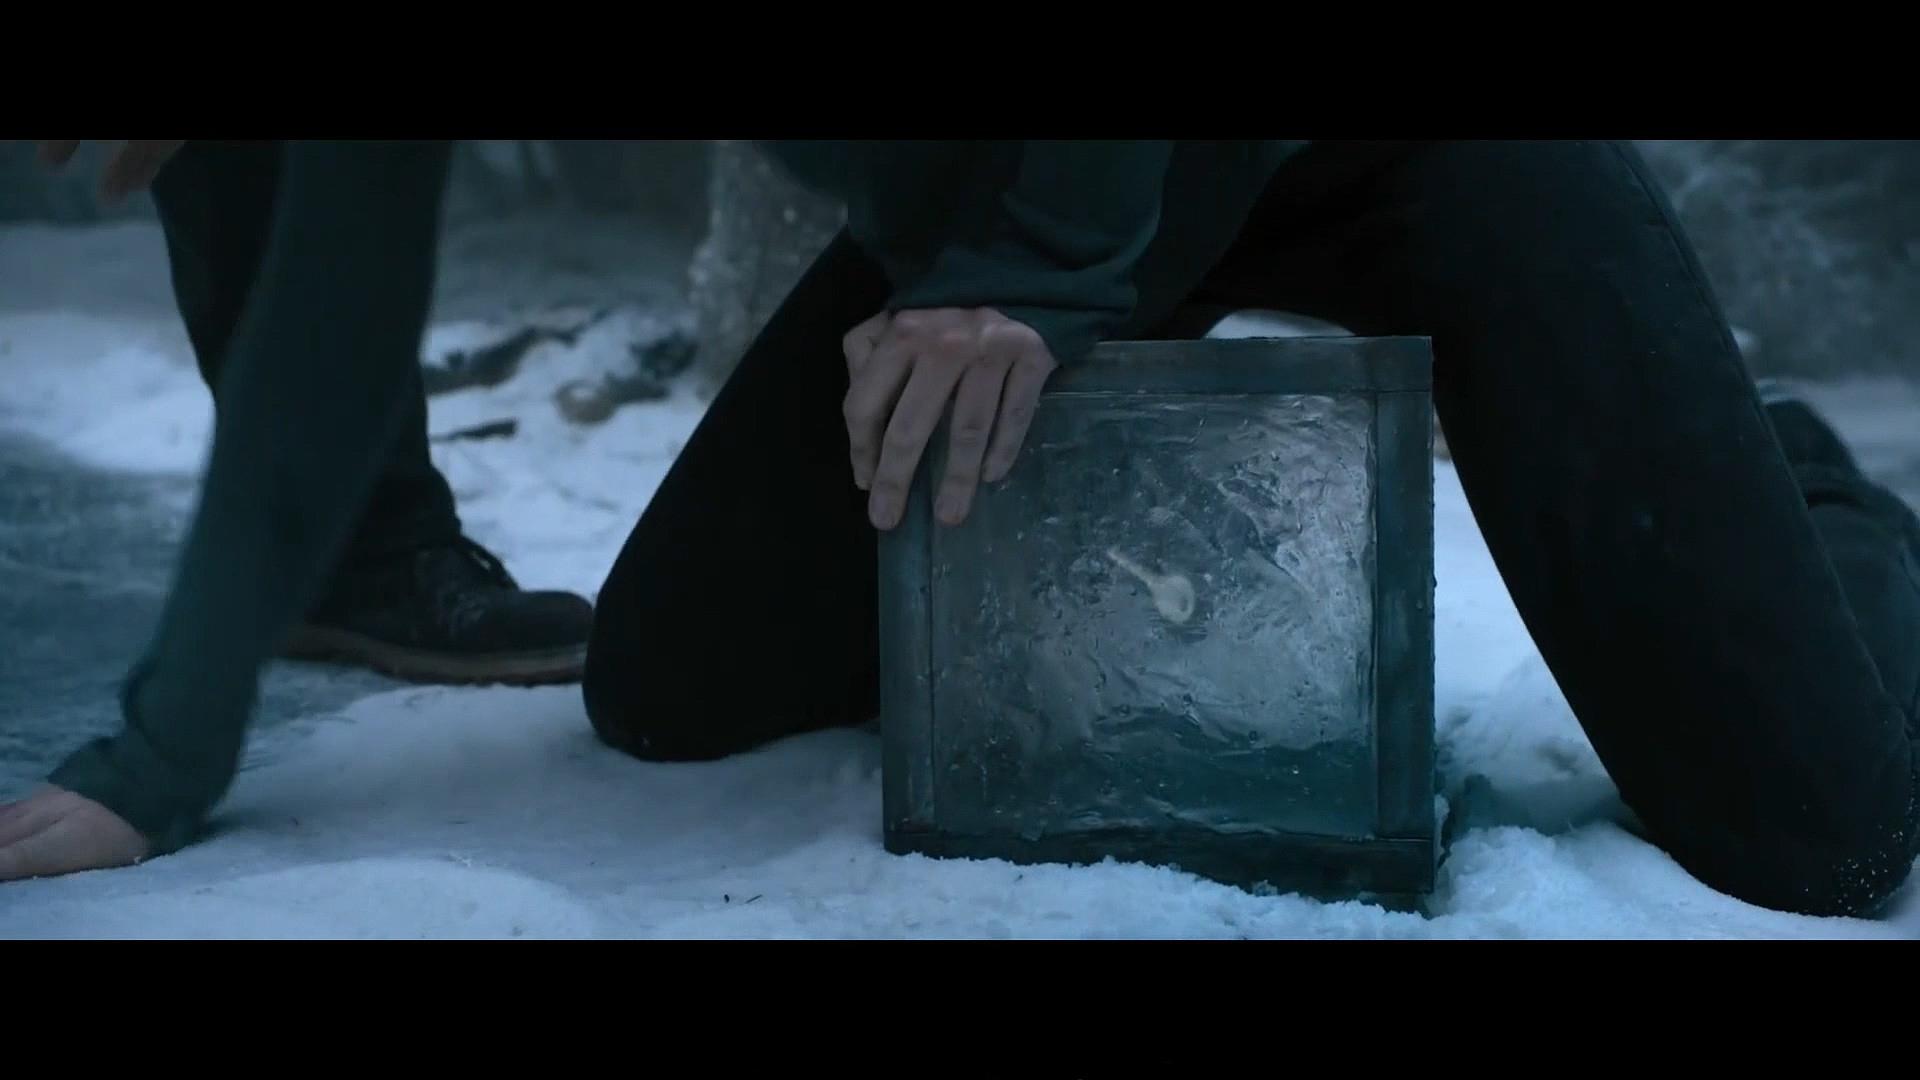 5人从冰里钓出一只冻着钥匙的冰坨,没想到开启了地狱的大门《密室逃生》